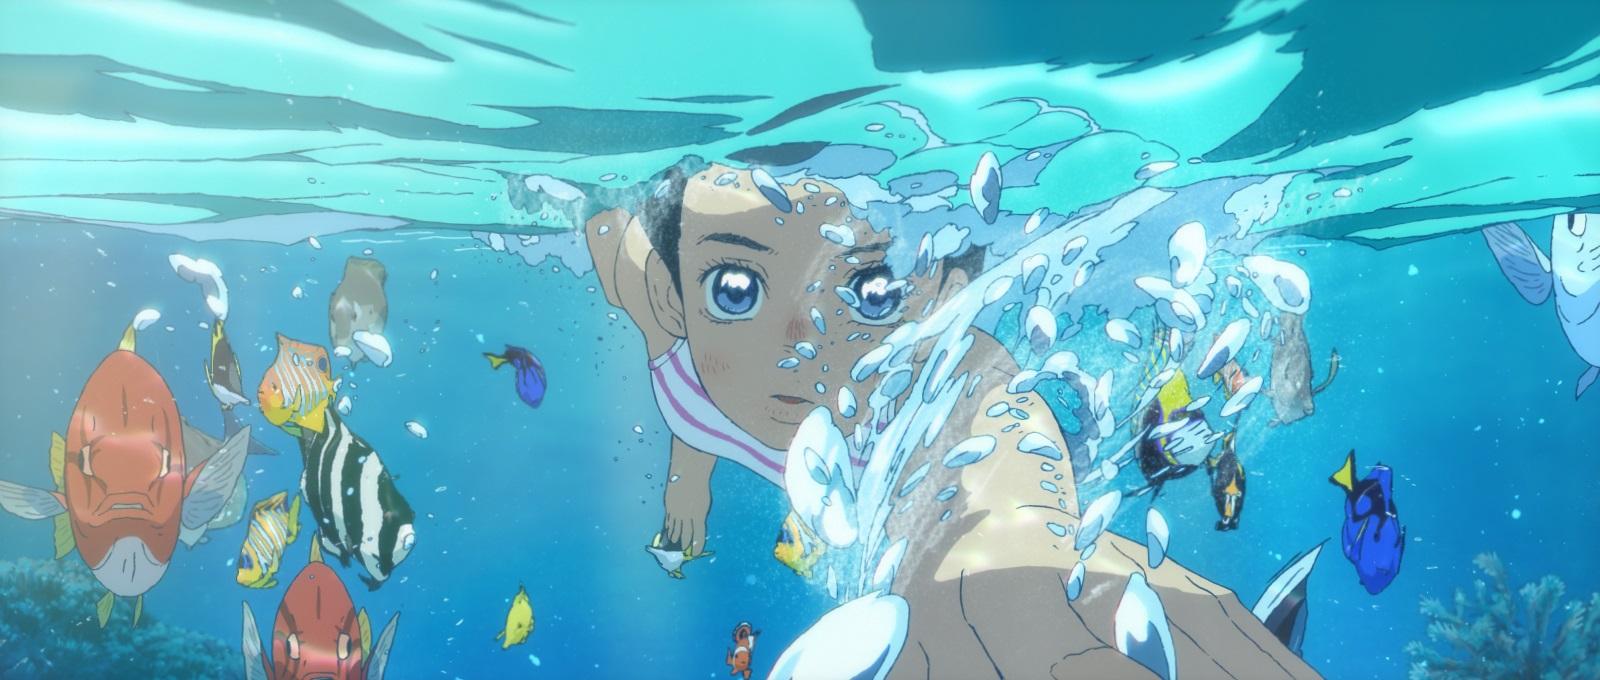 「空靈女神」蒼井優超迷原著漫畫《海獸之子》 一秒答應配音演出!